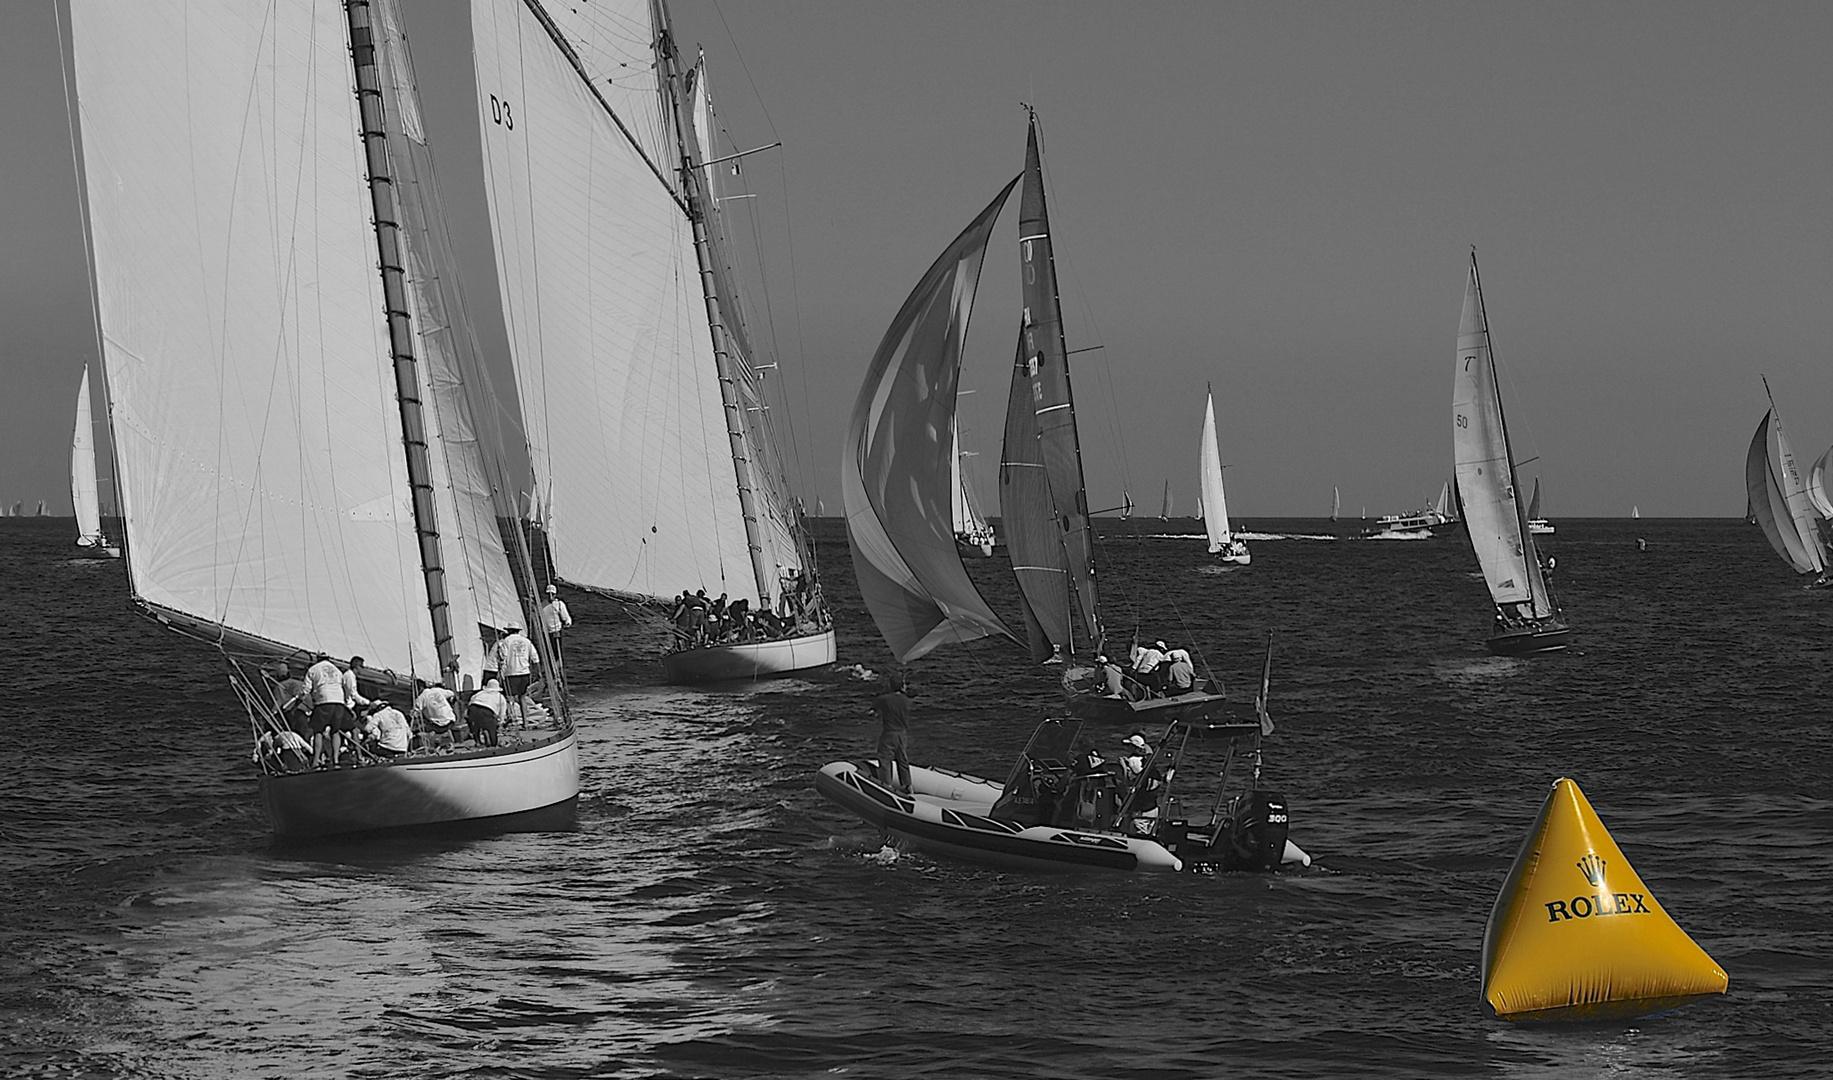 Les Voiles de Saint Tropez 2012 , II